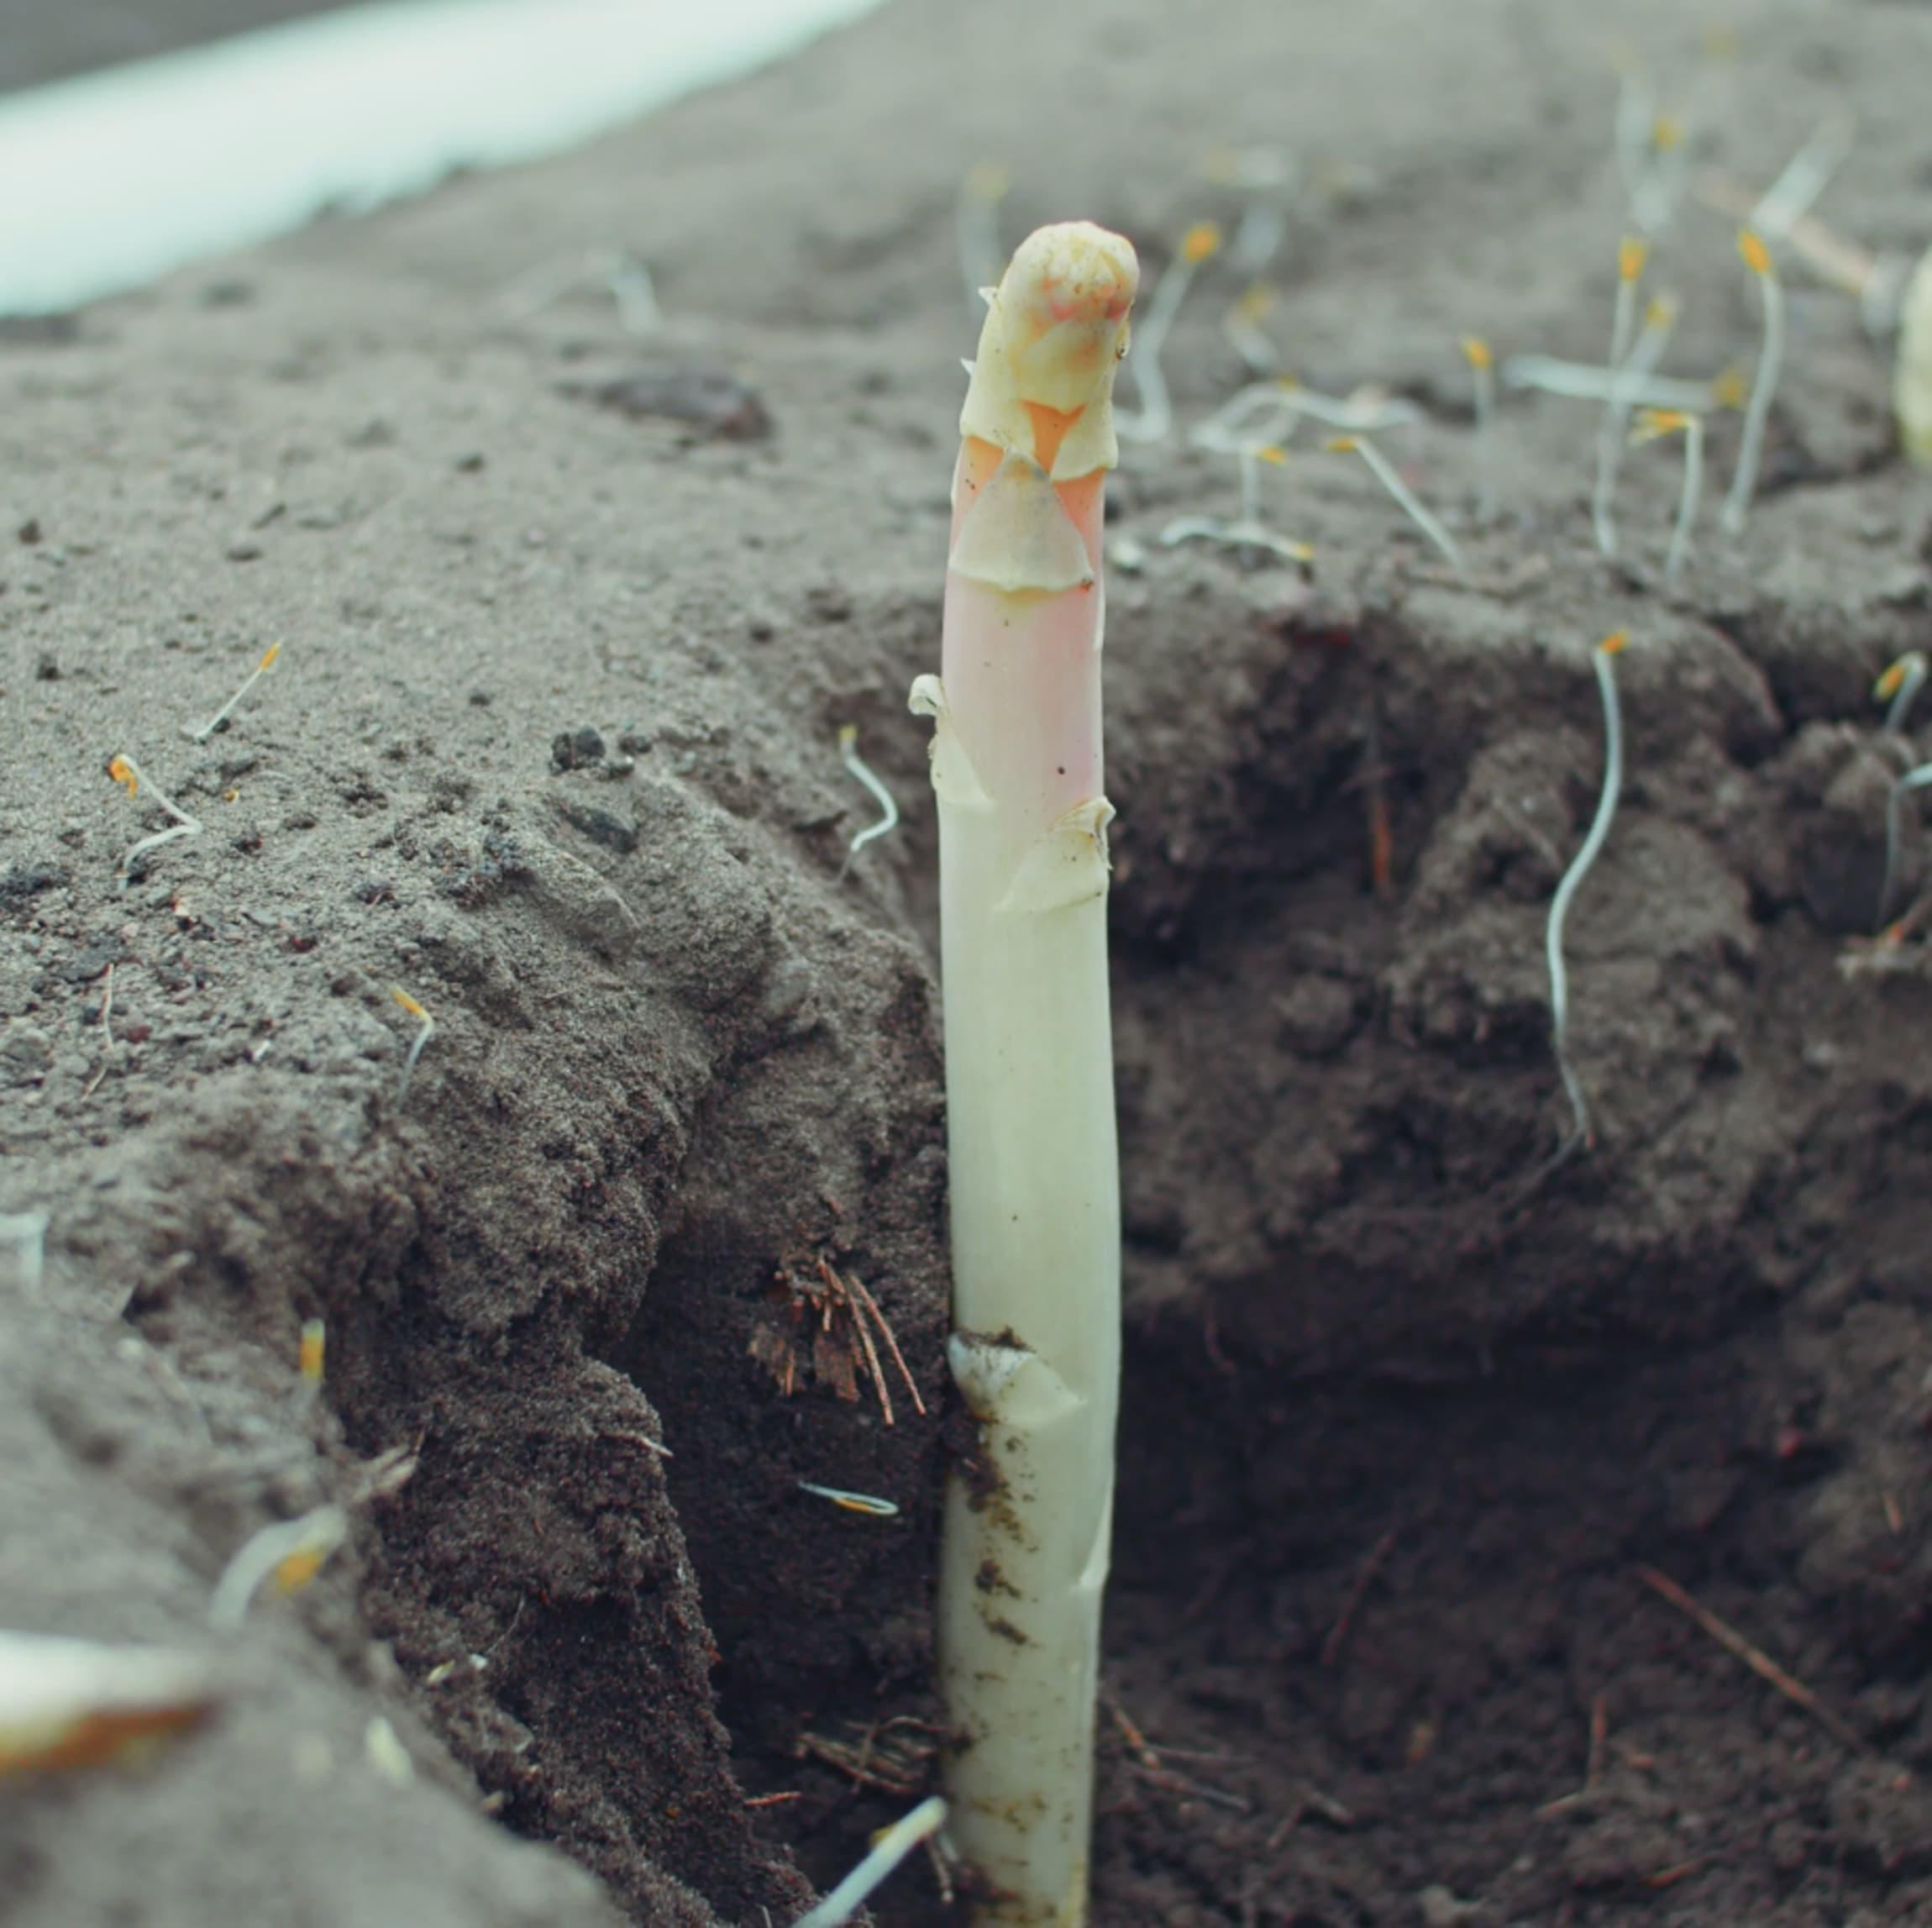 Våren 2020 nådde Hvasser Asparges i Vestfold en milepæl: Da høstet de inn de første hvite aspargesene i Norge!